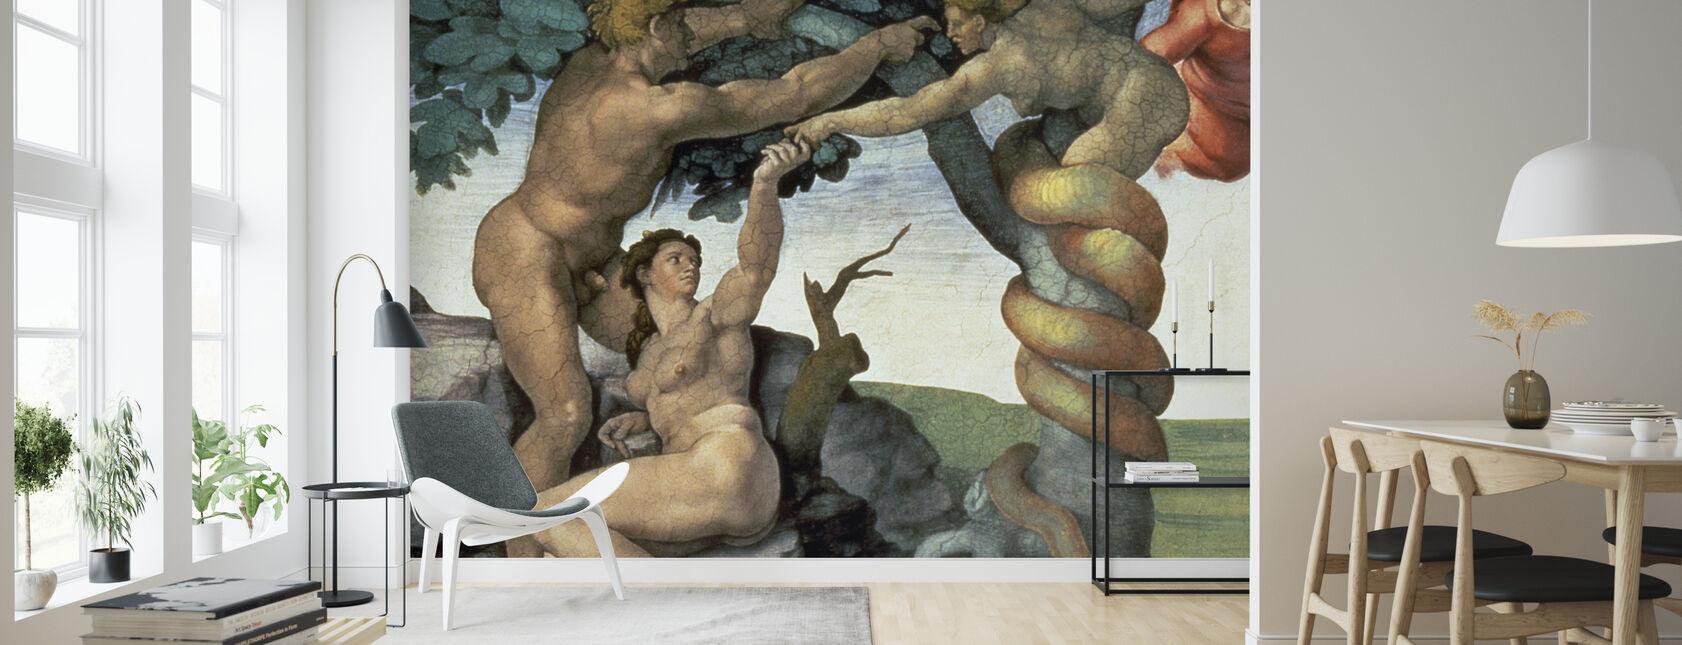 Decke der Sixtinischen Kapelle, Michelangelo Buonarroti - Tapete - Wohnzimmer